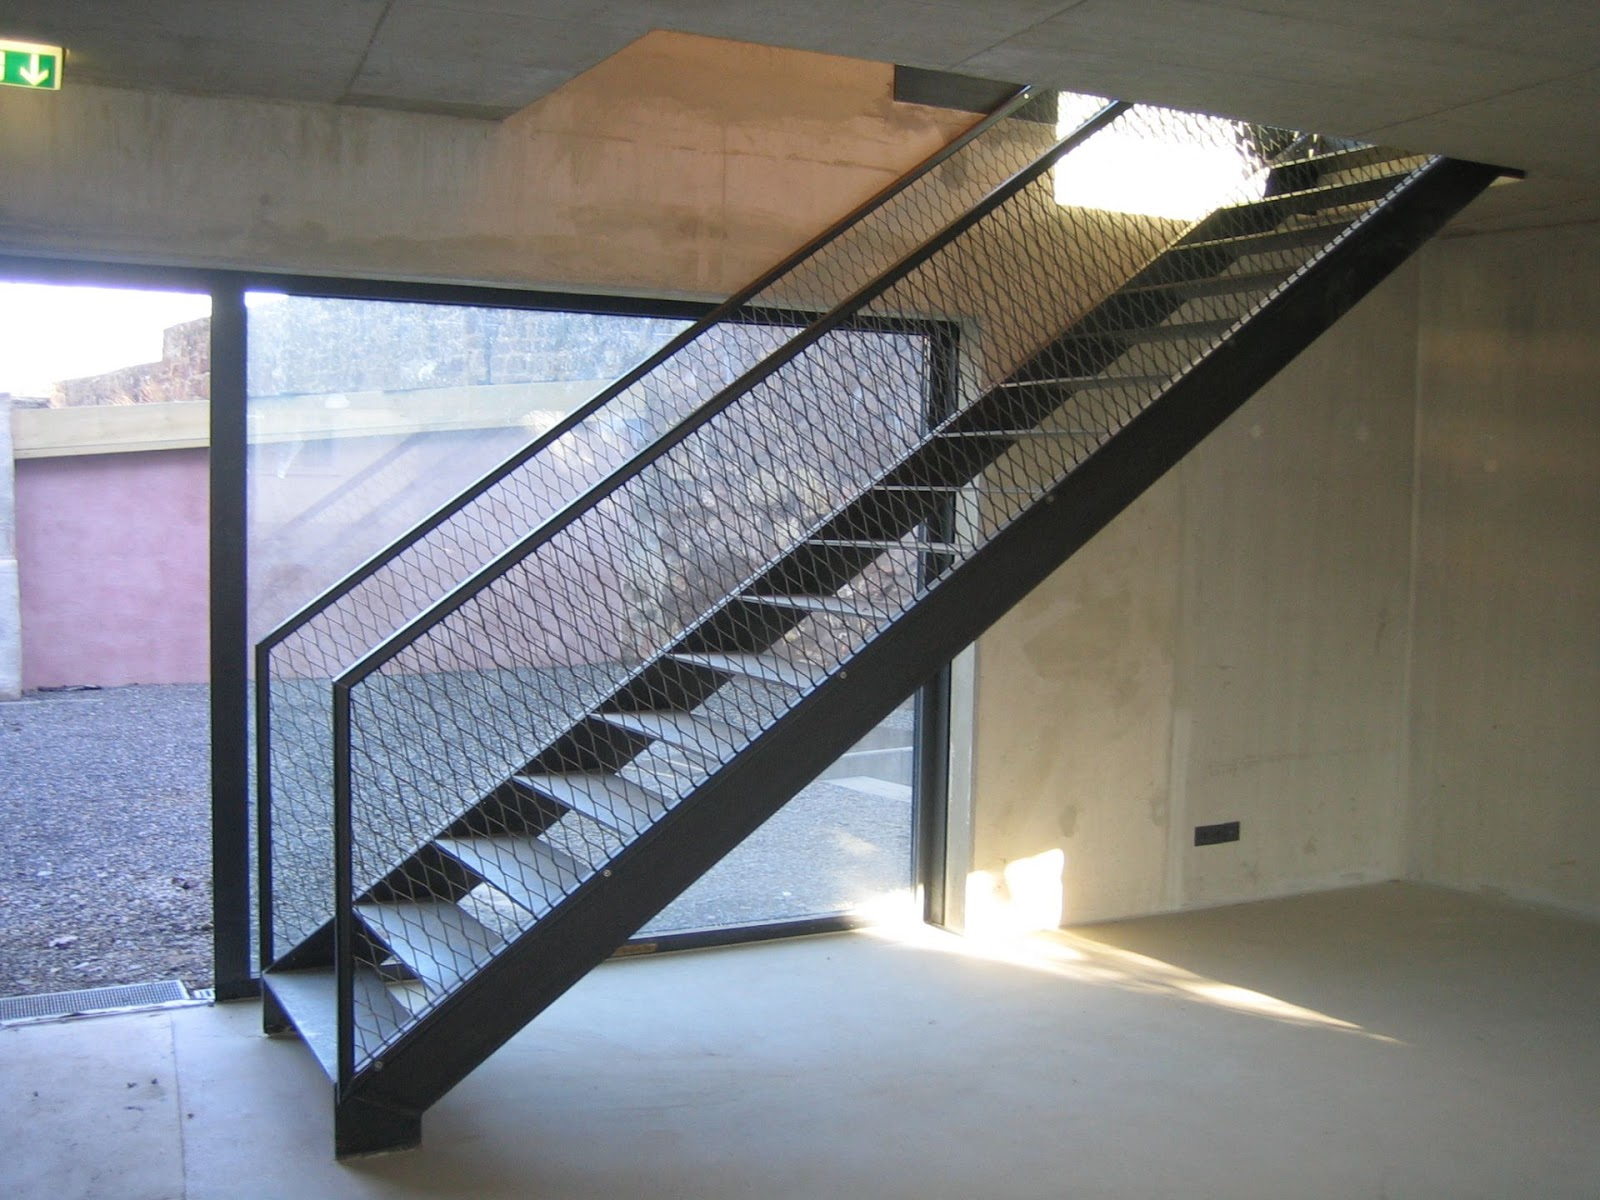 Geradläufige Treppe geländer streckmetall streckgitter